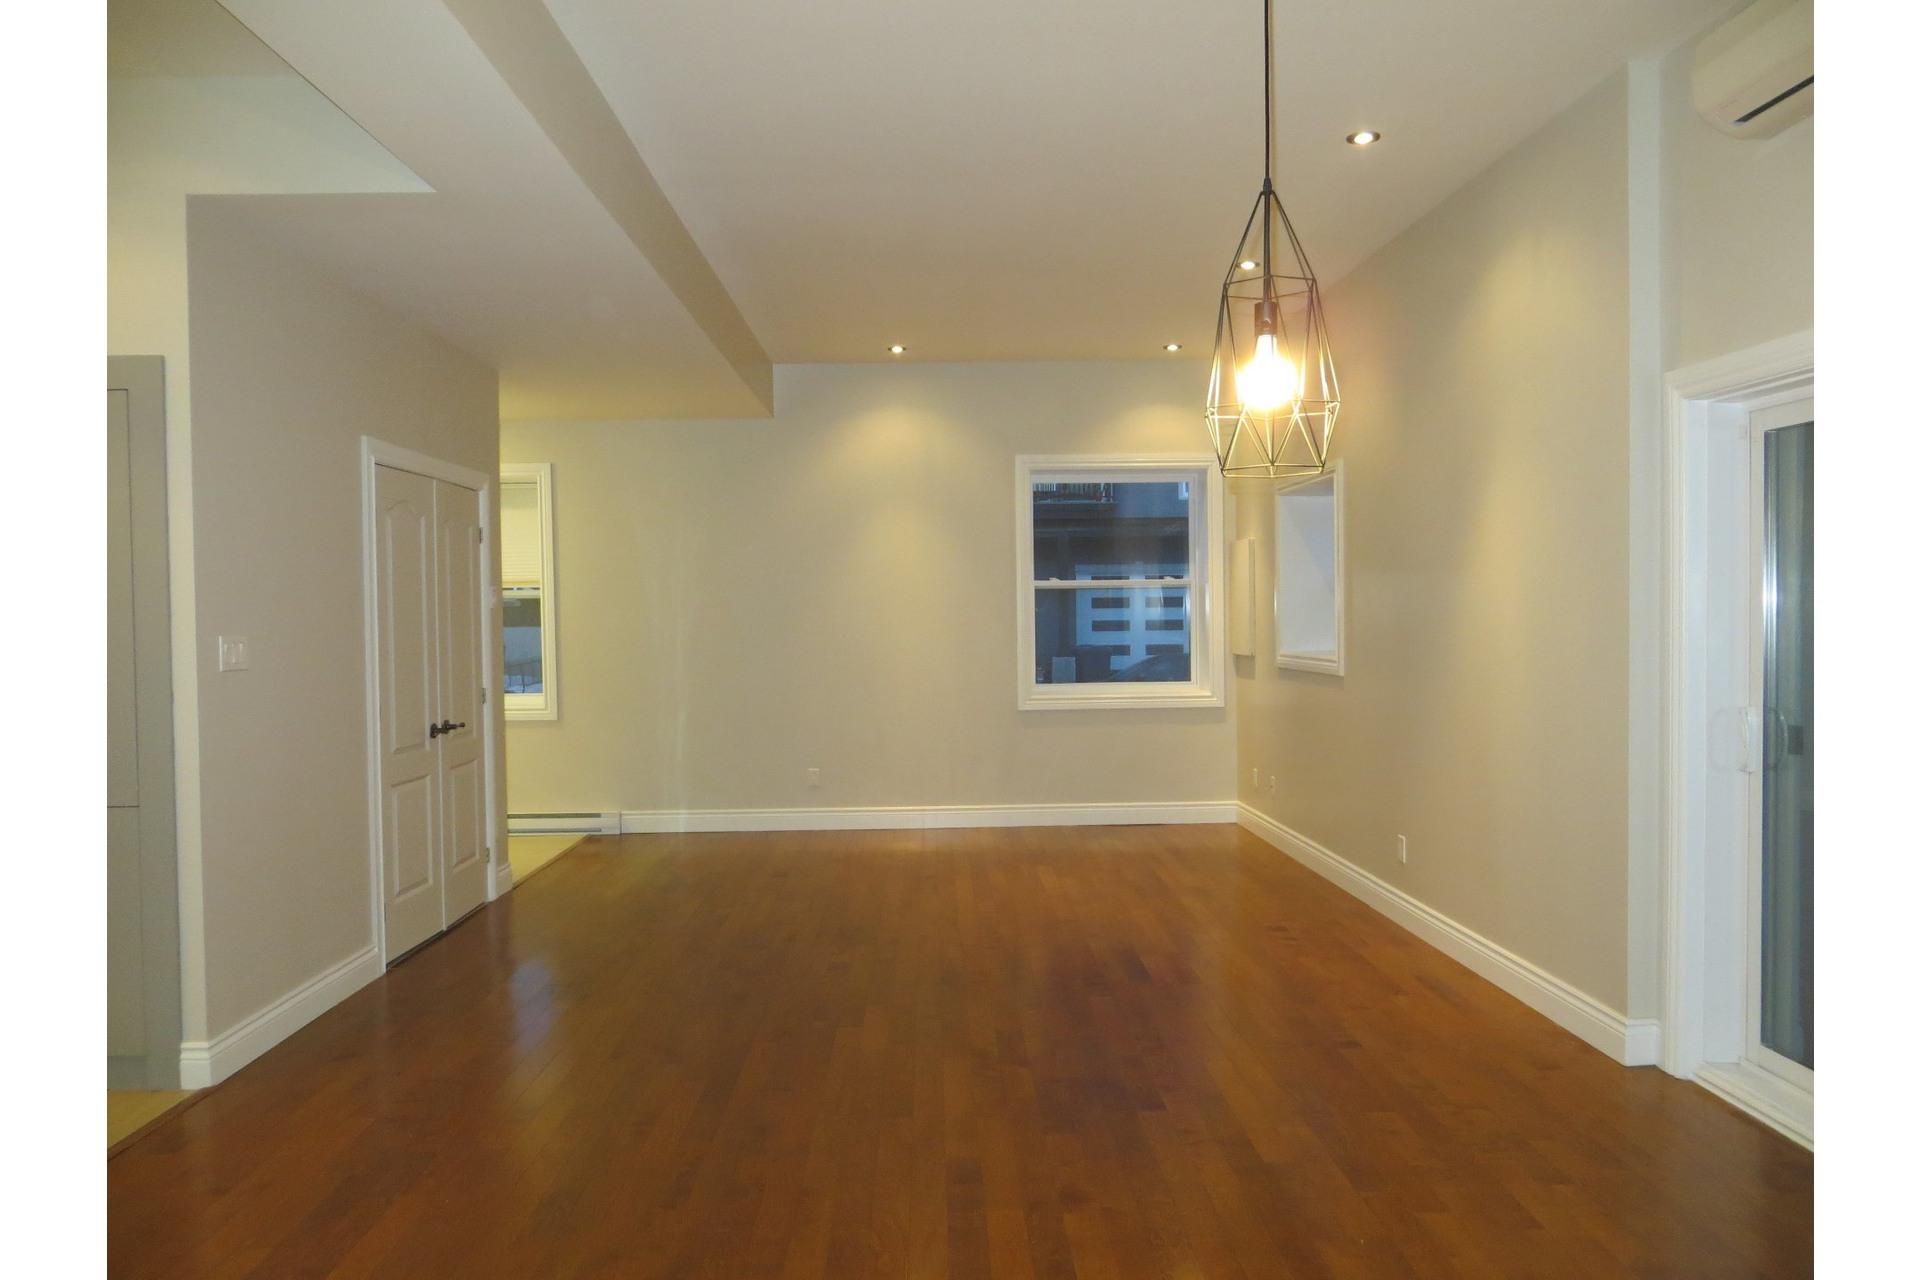 image 27 - Appartement À vendre Côte-des-Neiges/Notre-Dame-de-Grâce Montréal  - 5 pièces